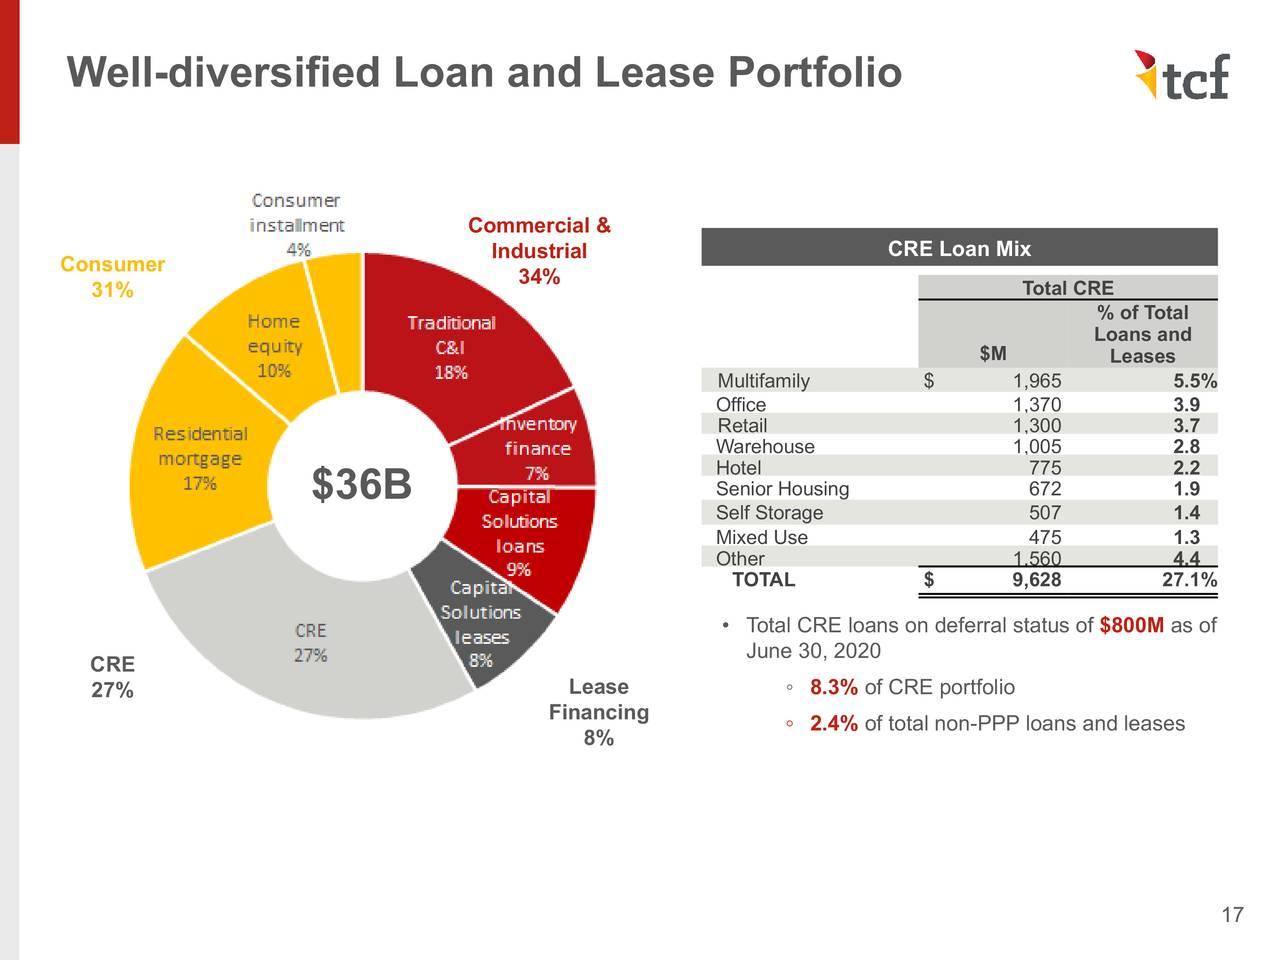 Cartera bien diversificada de préstamos y arrendamientos